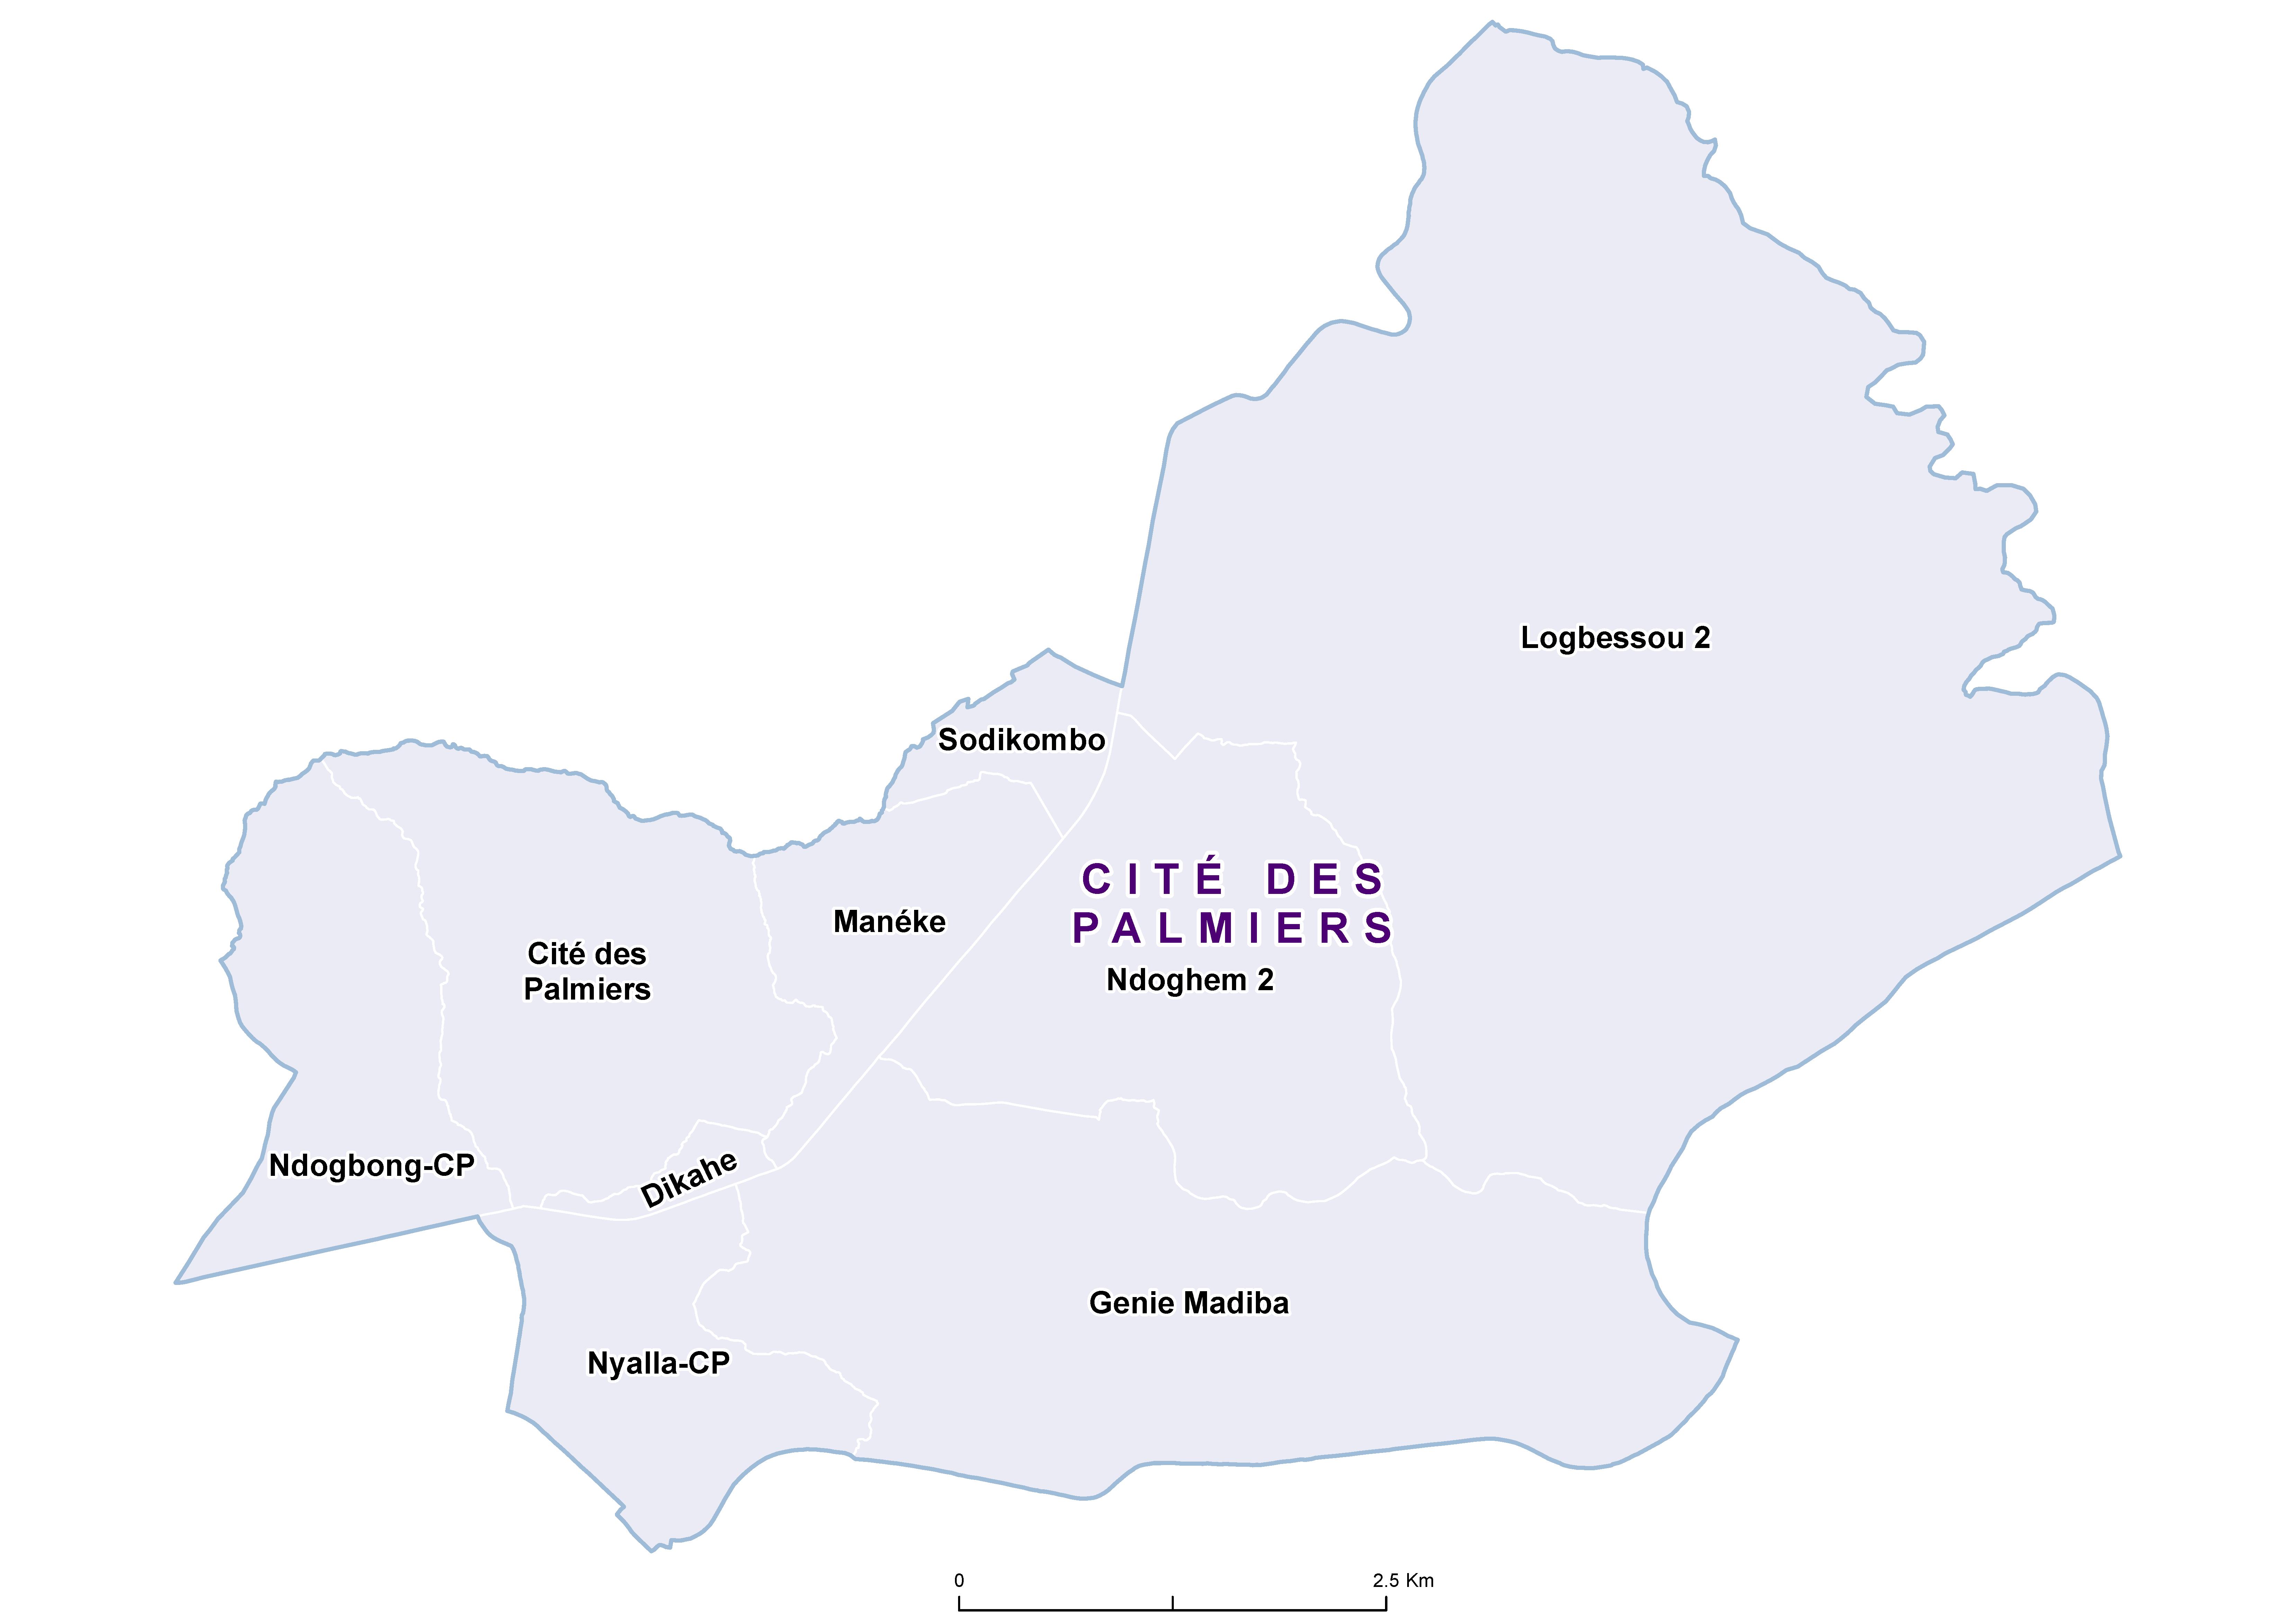 Cité des palmiers STH 20180001